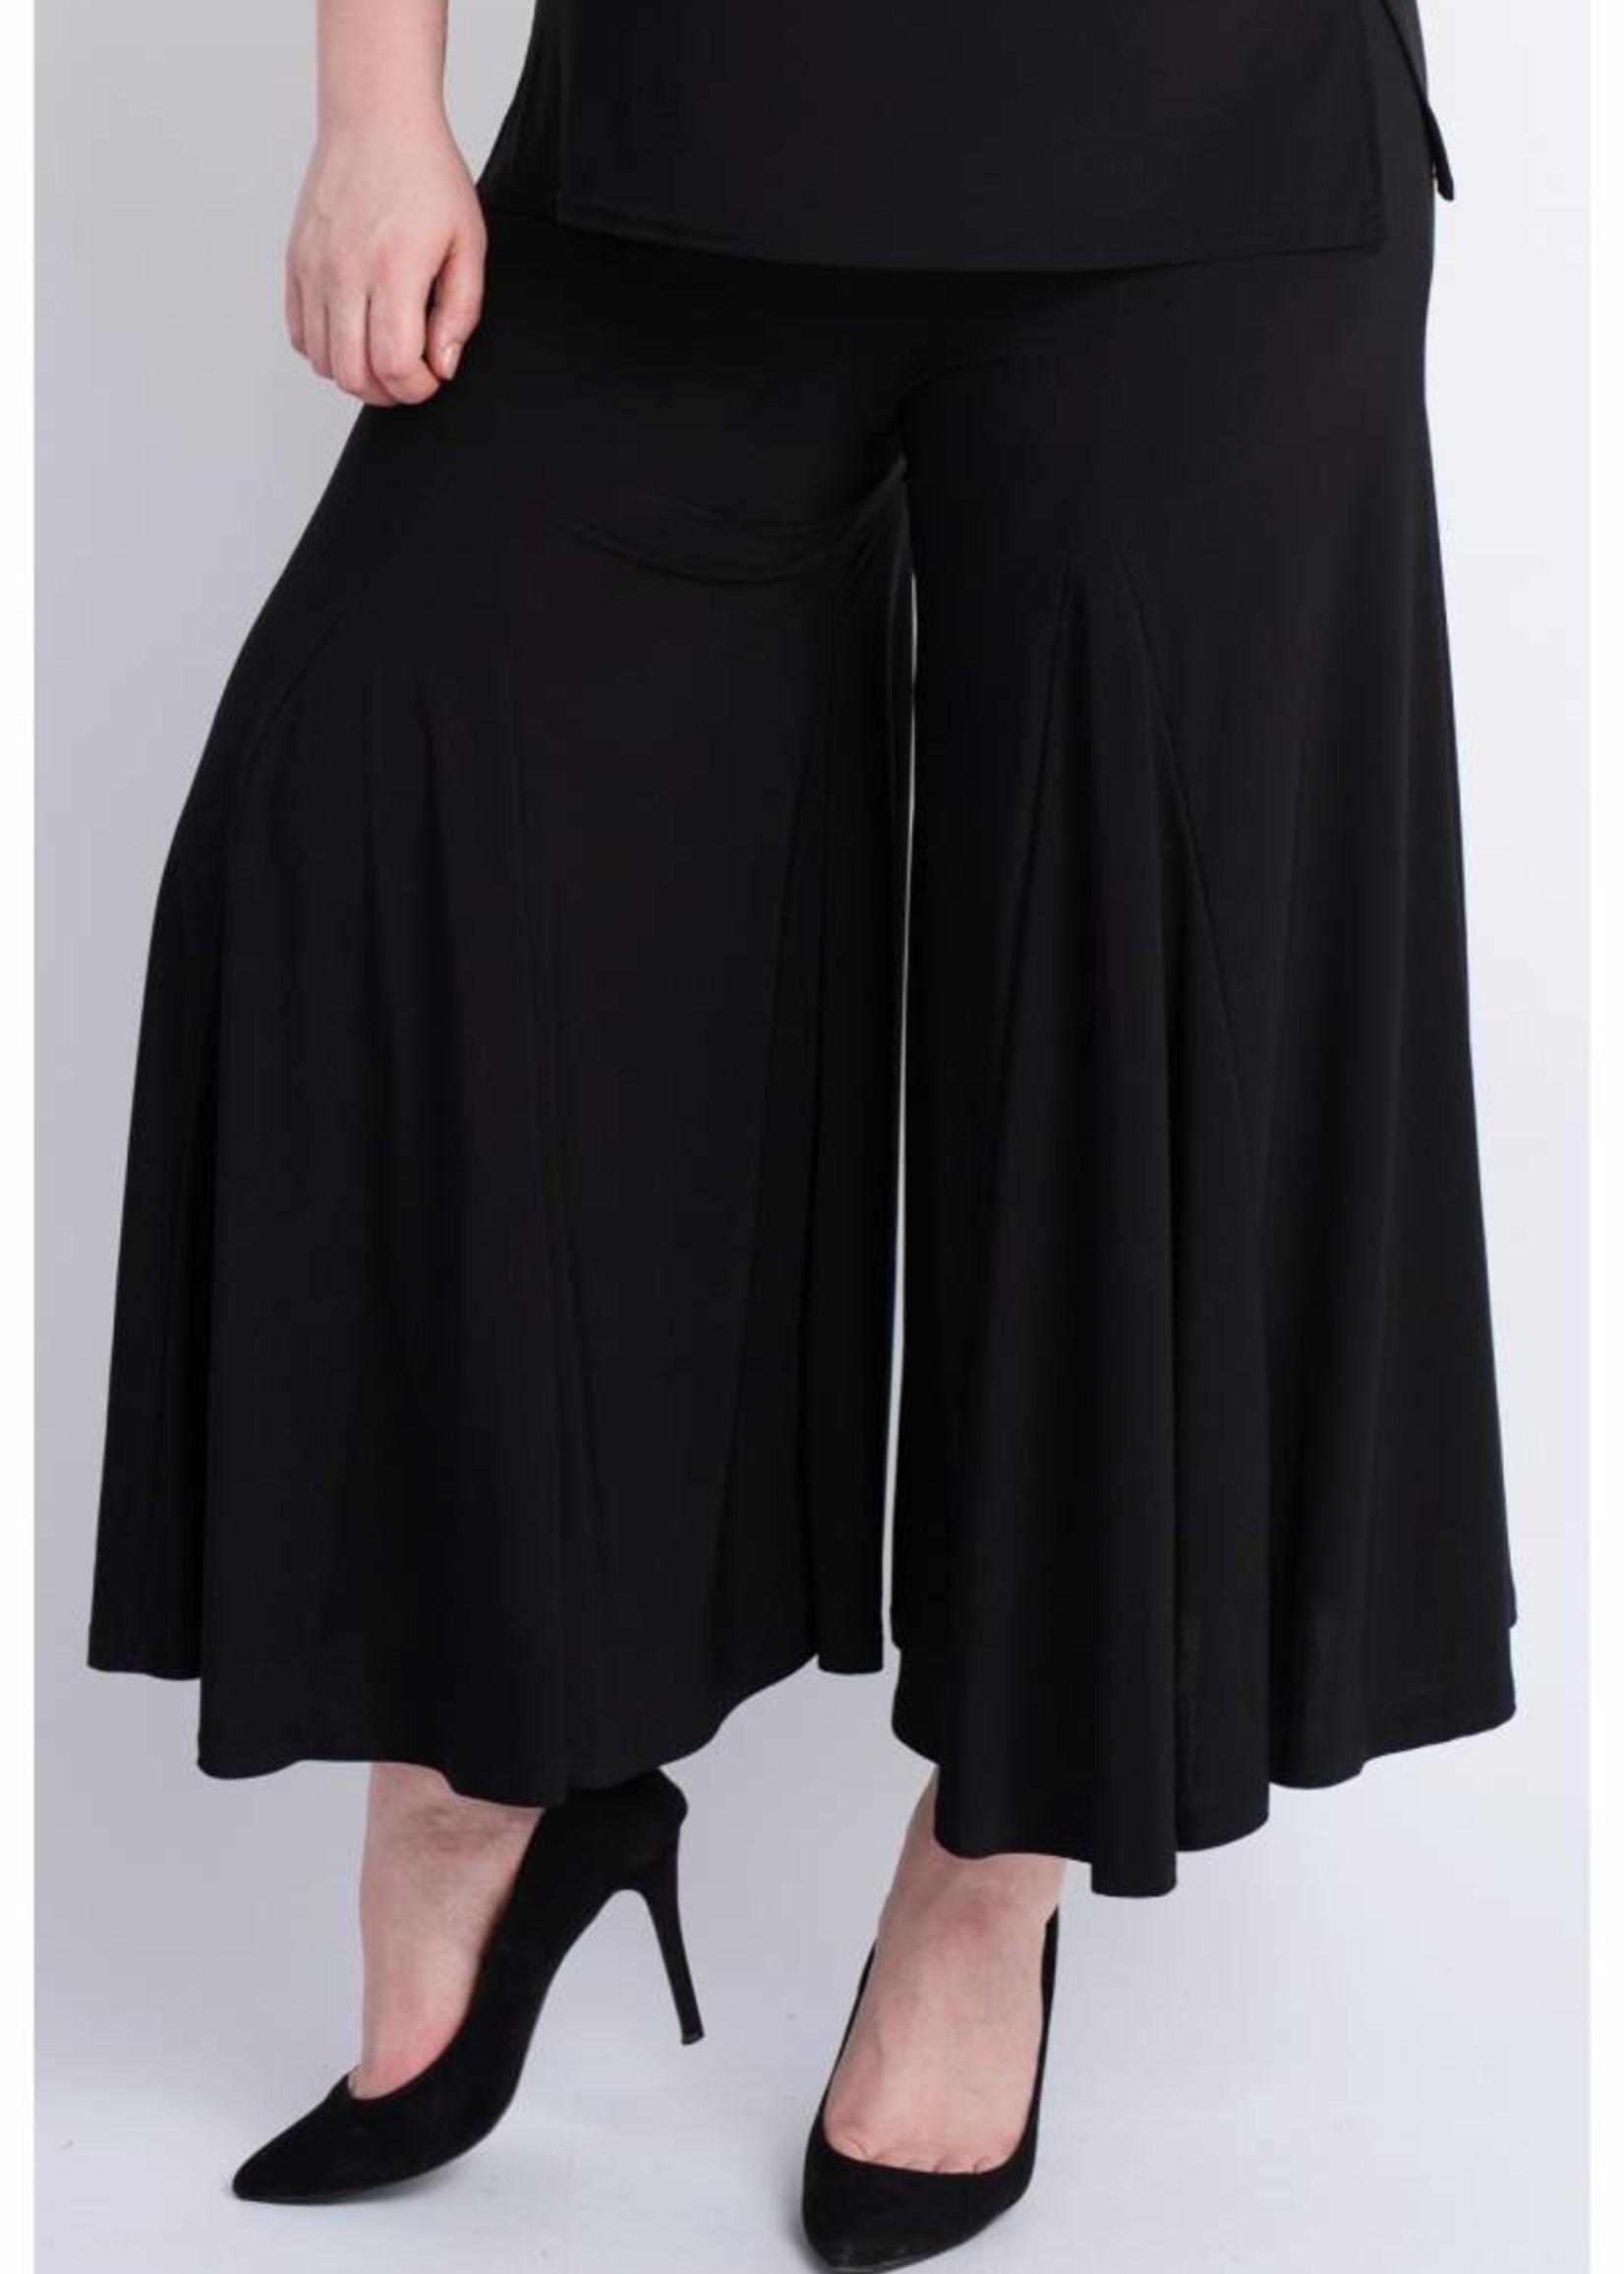 Magna Fashion Broek Rok H02 SOLID